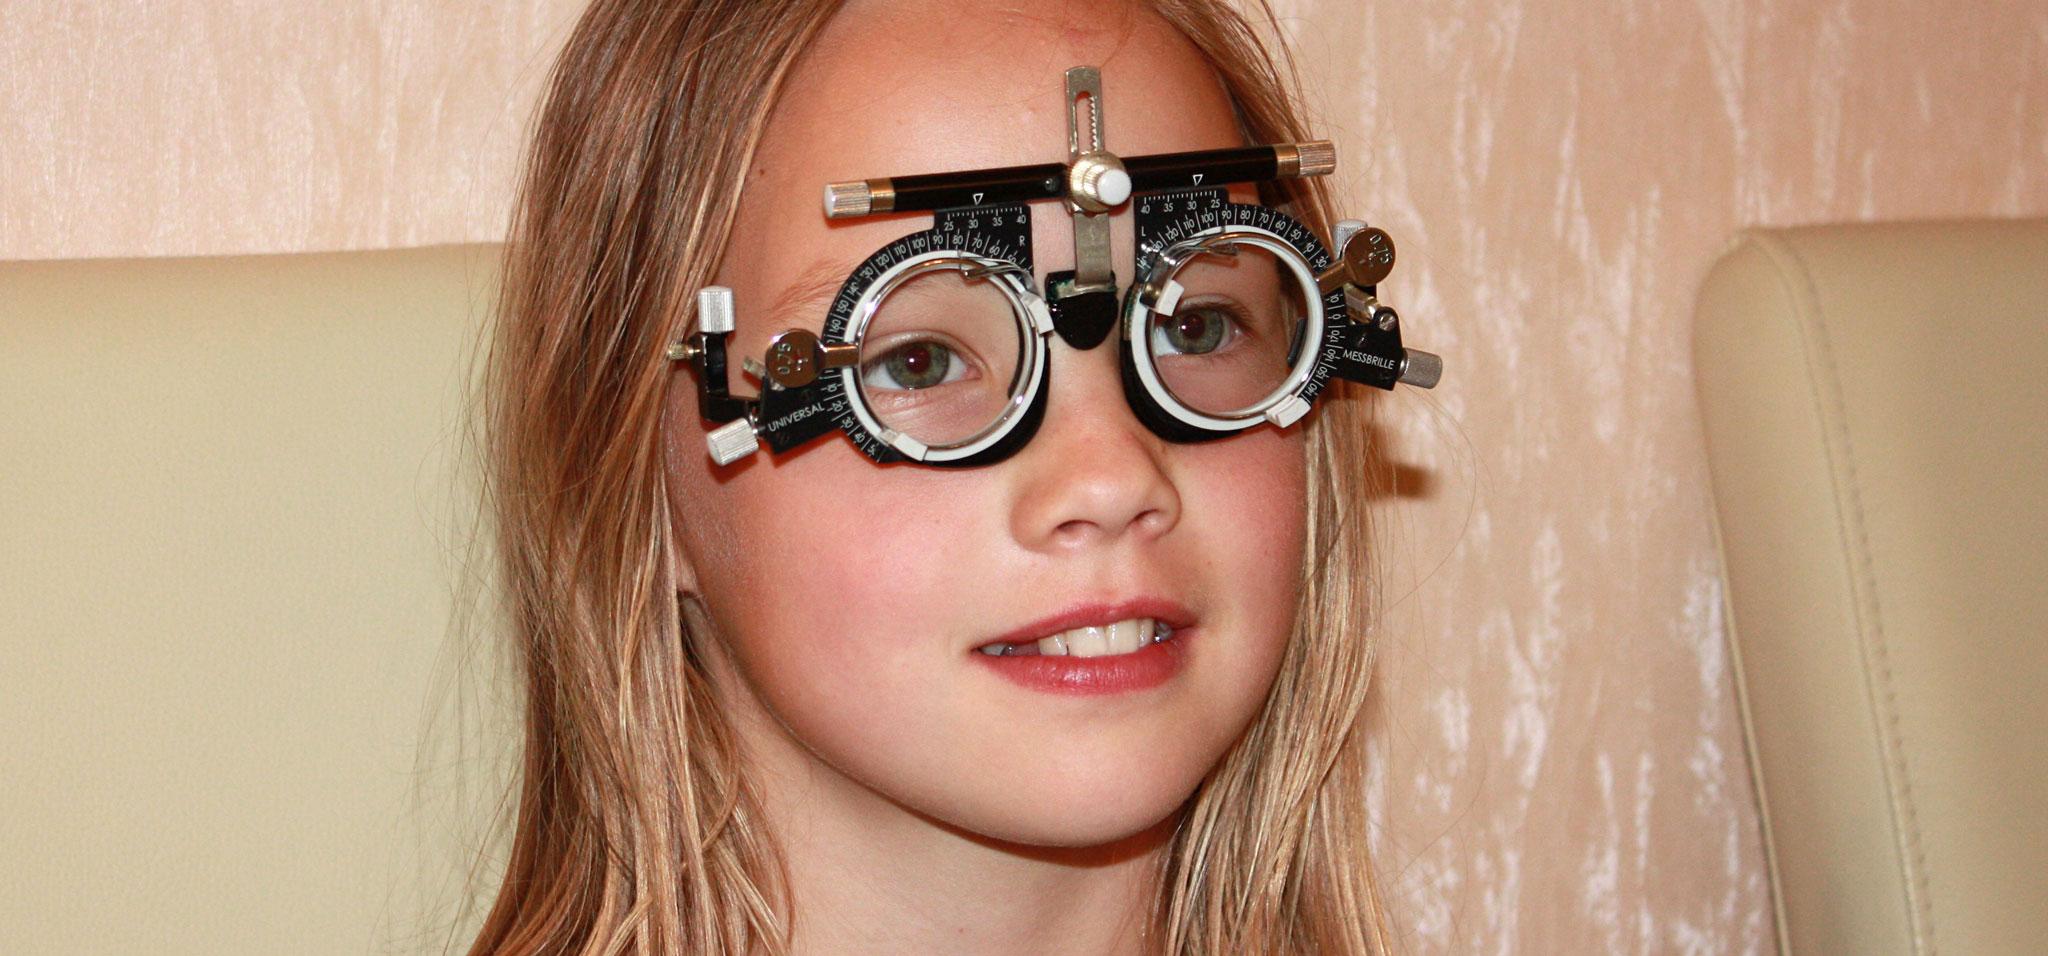 hyperopia szemüveg rövidlátás kezelésére)